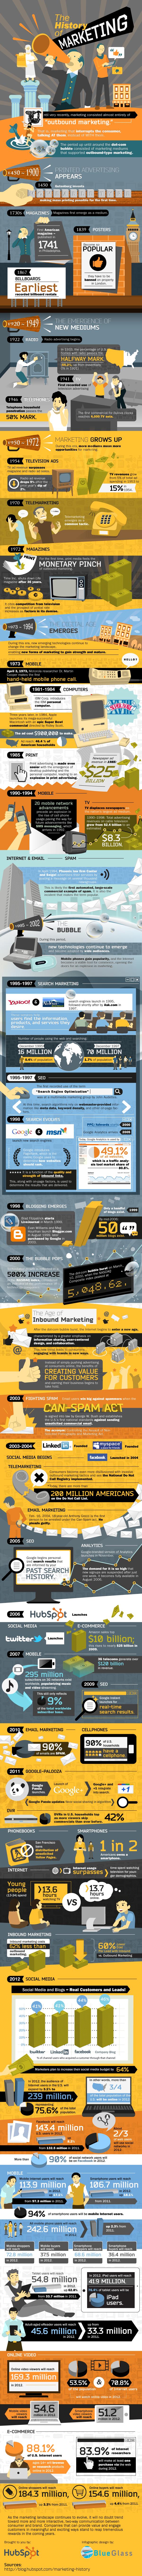 la-historia-del-marketing-infografia